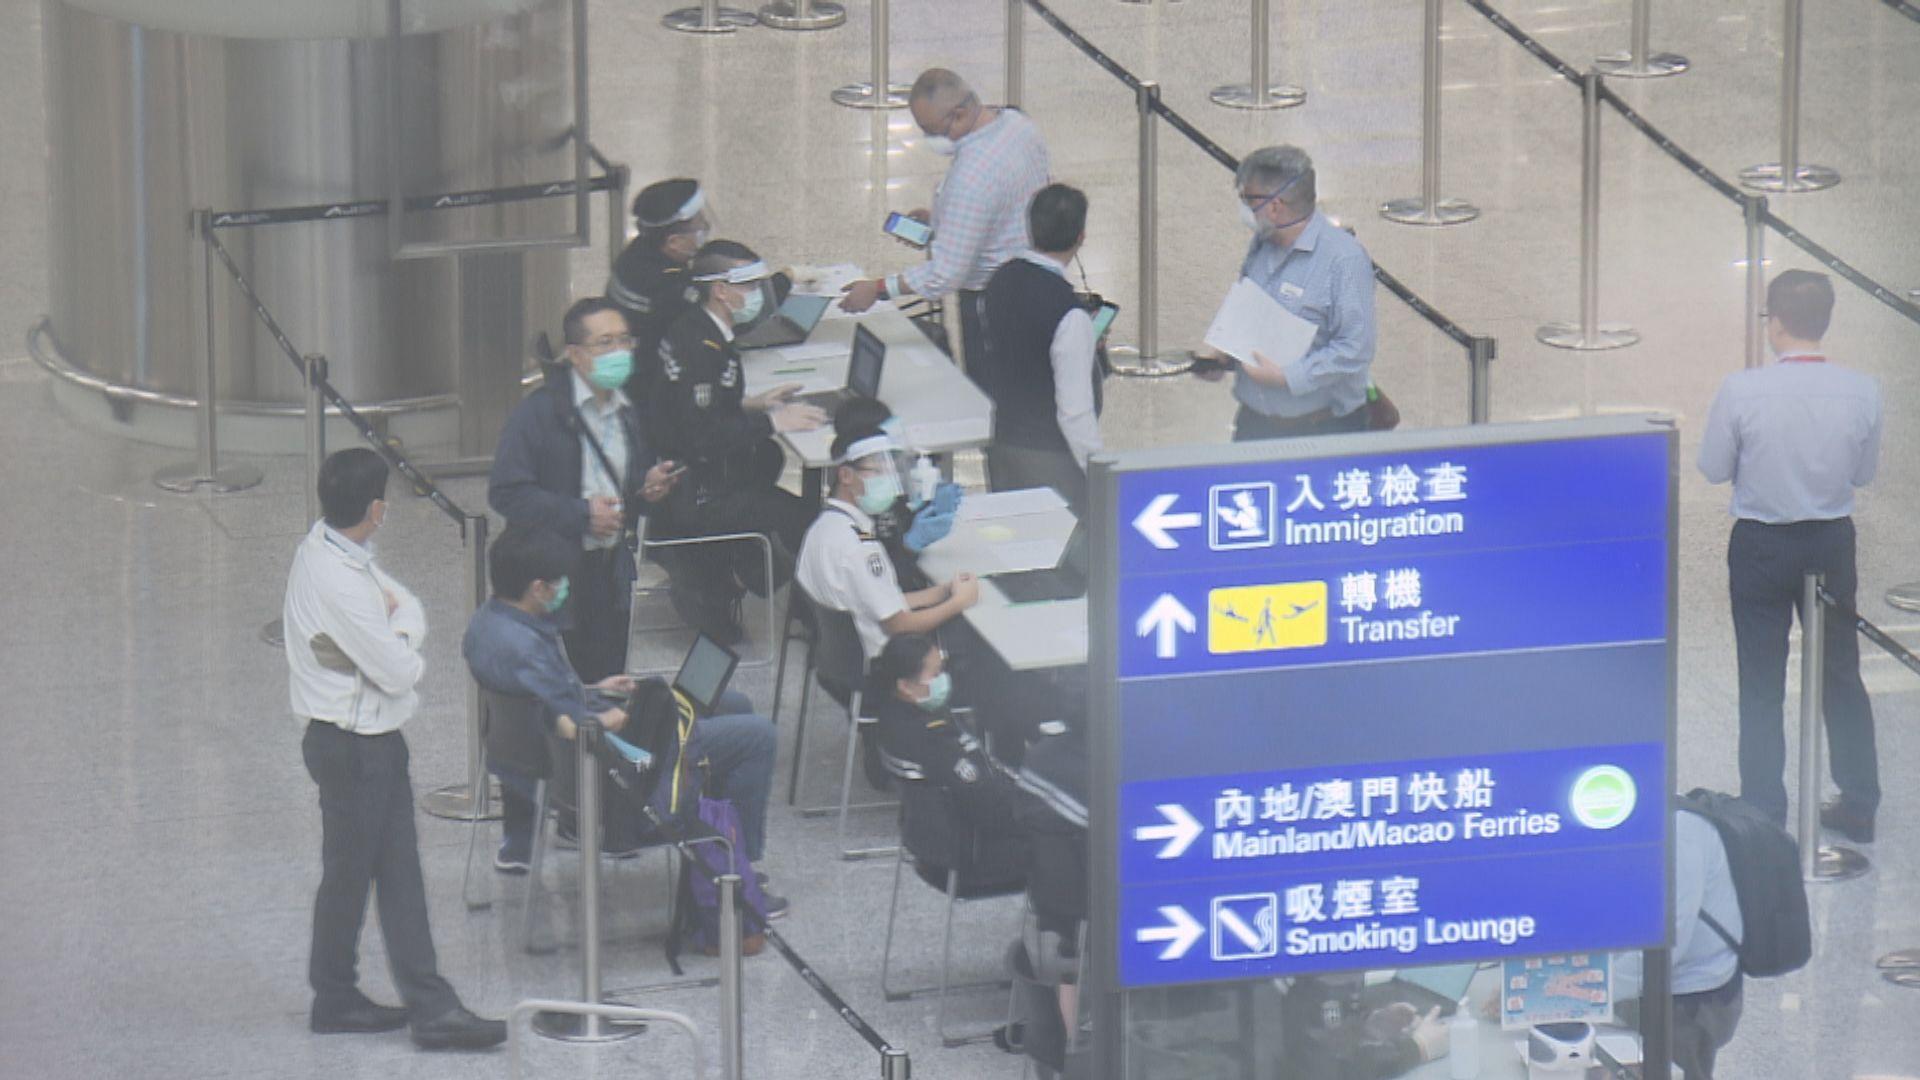 午夜起禁英載客航班抵港 從英抵港者檢疫期後強制留家七天